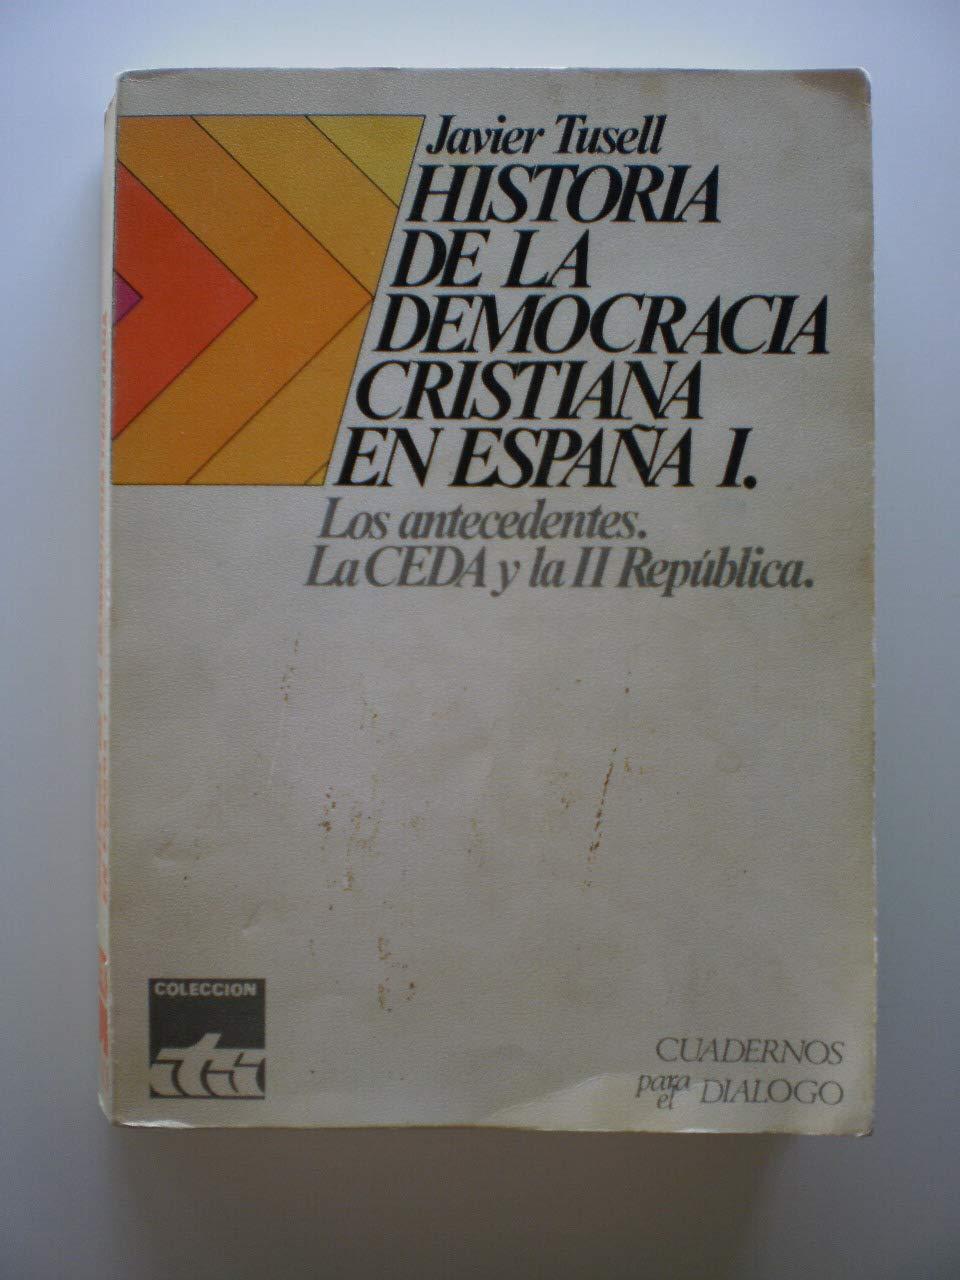 HISTORIA DE LA DEMOCRACIA CRISTIANA EN ESPAÑA. TOMO I ...